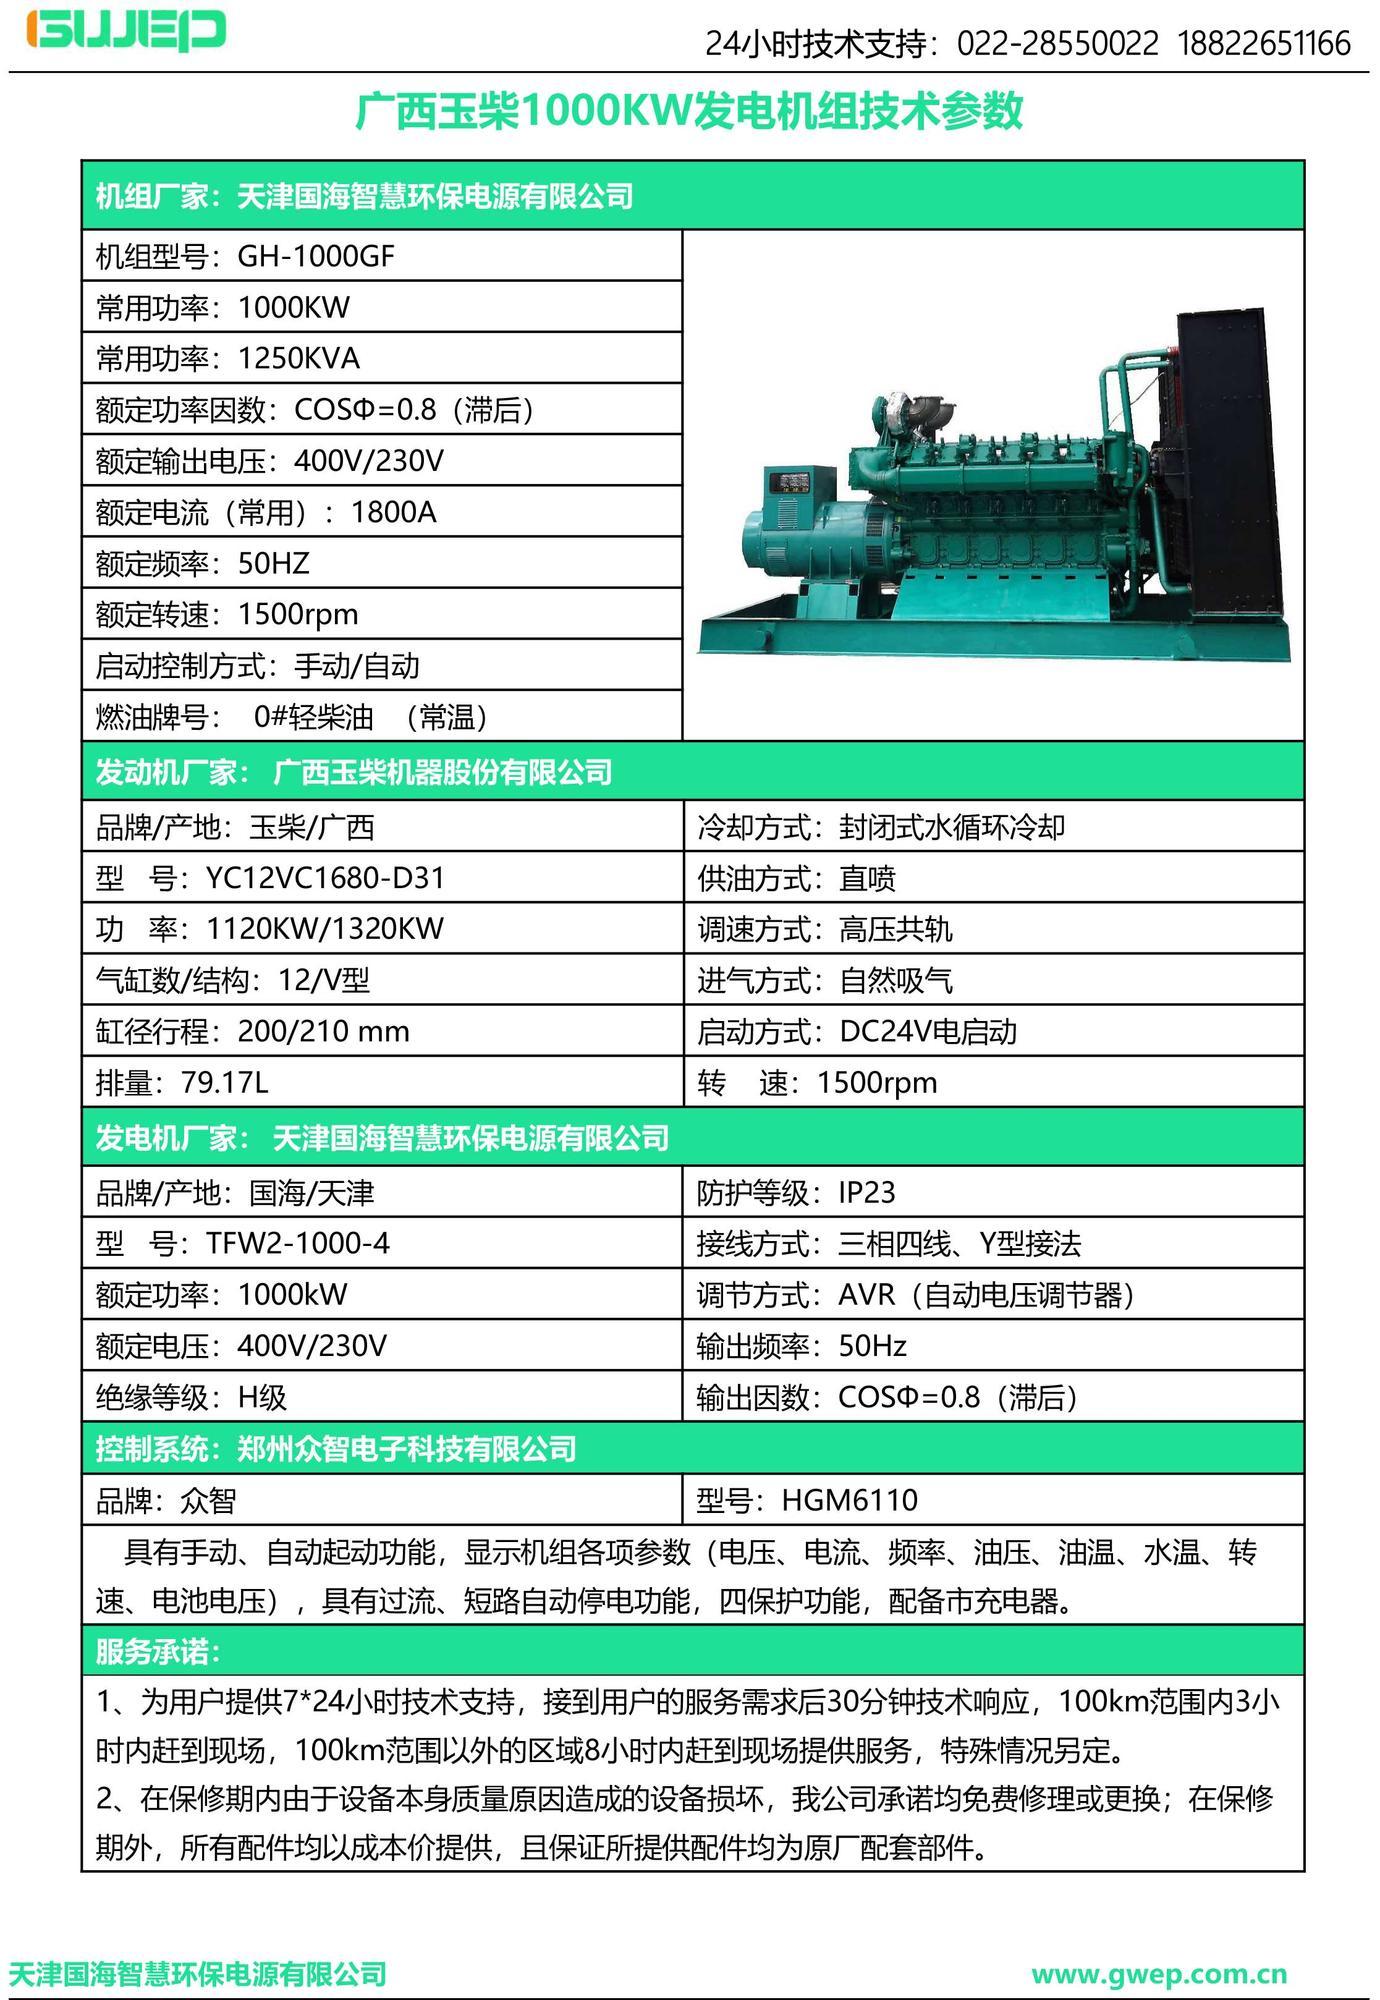 玉柴1000KW发电机组技术资料-2.jpg